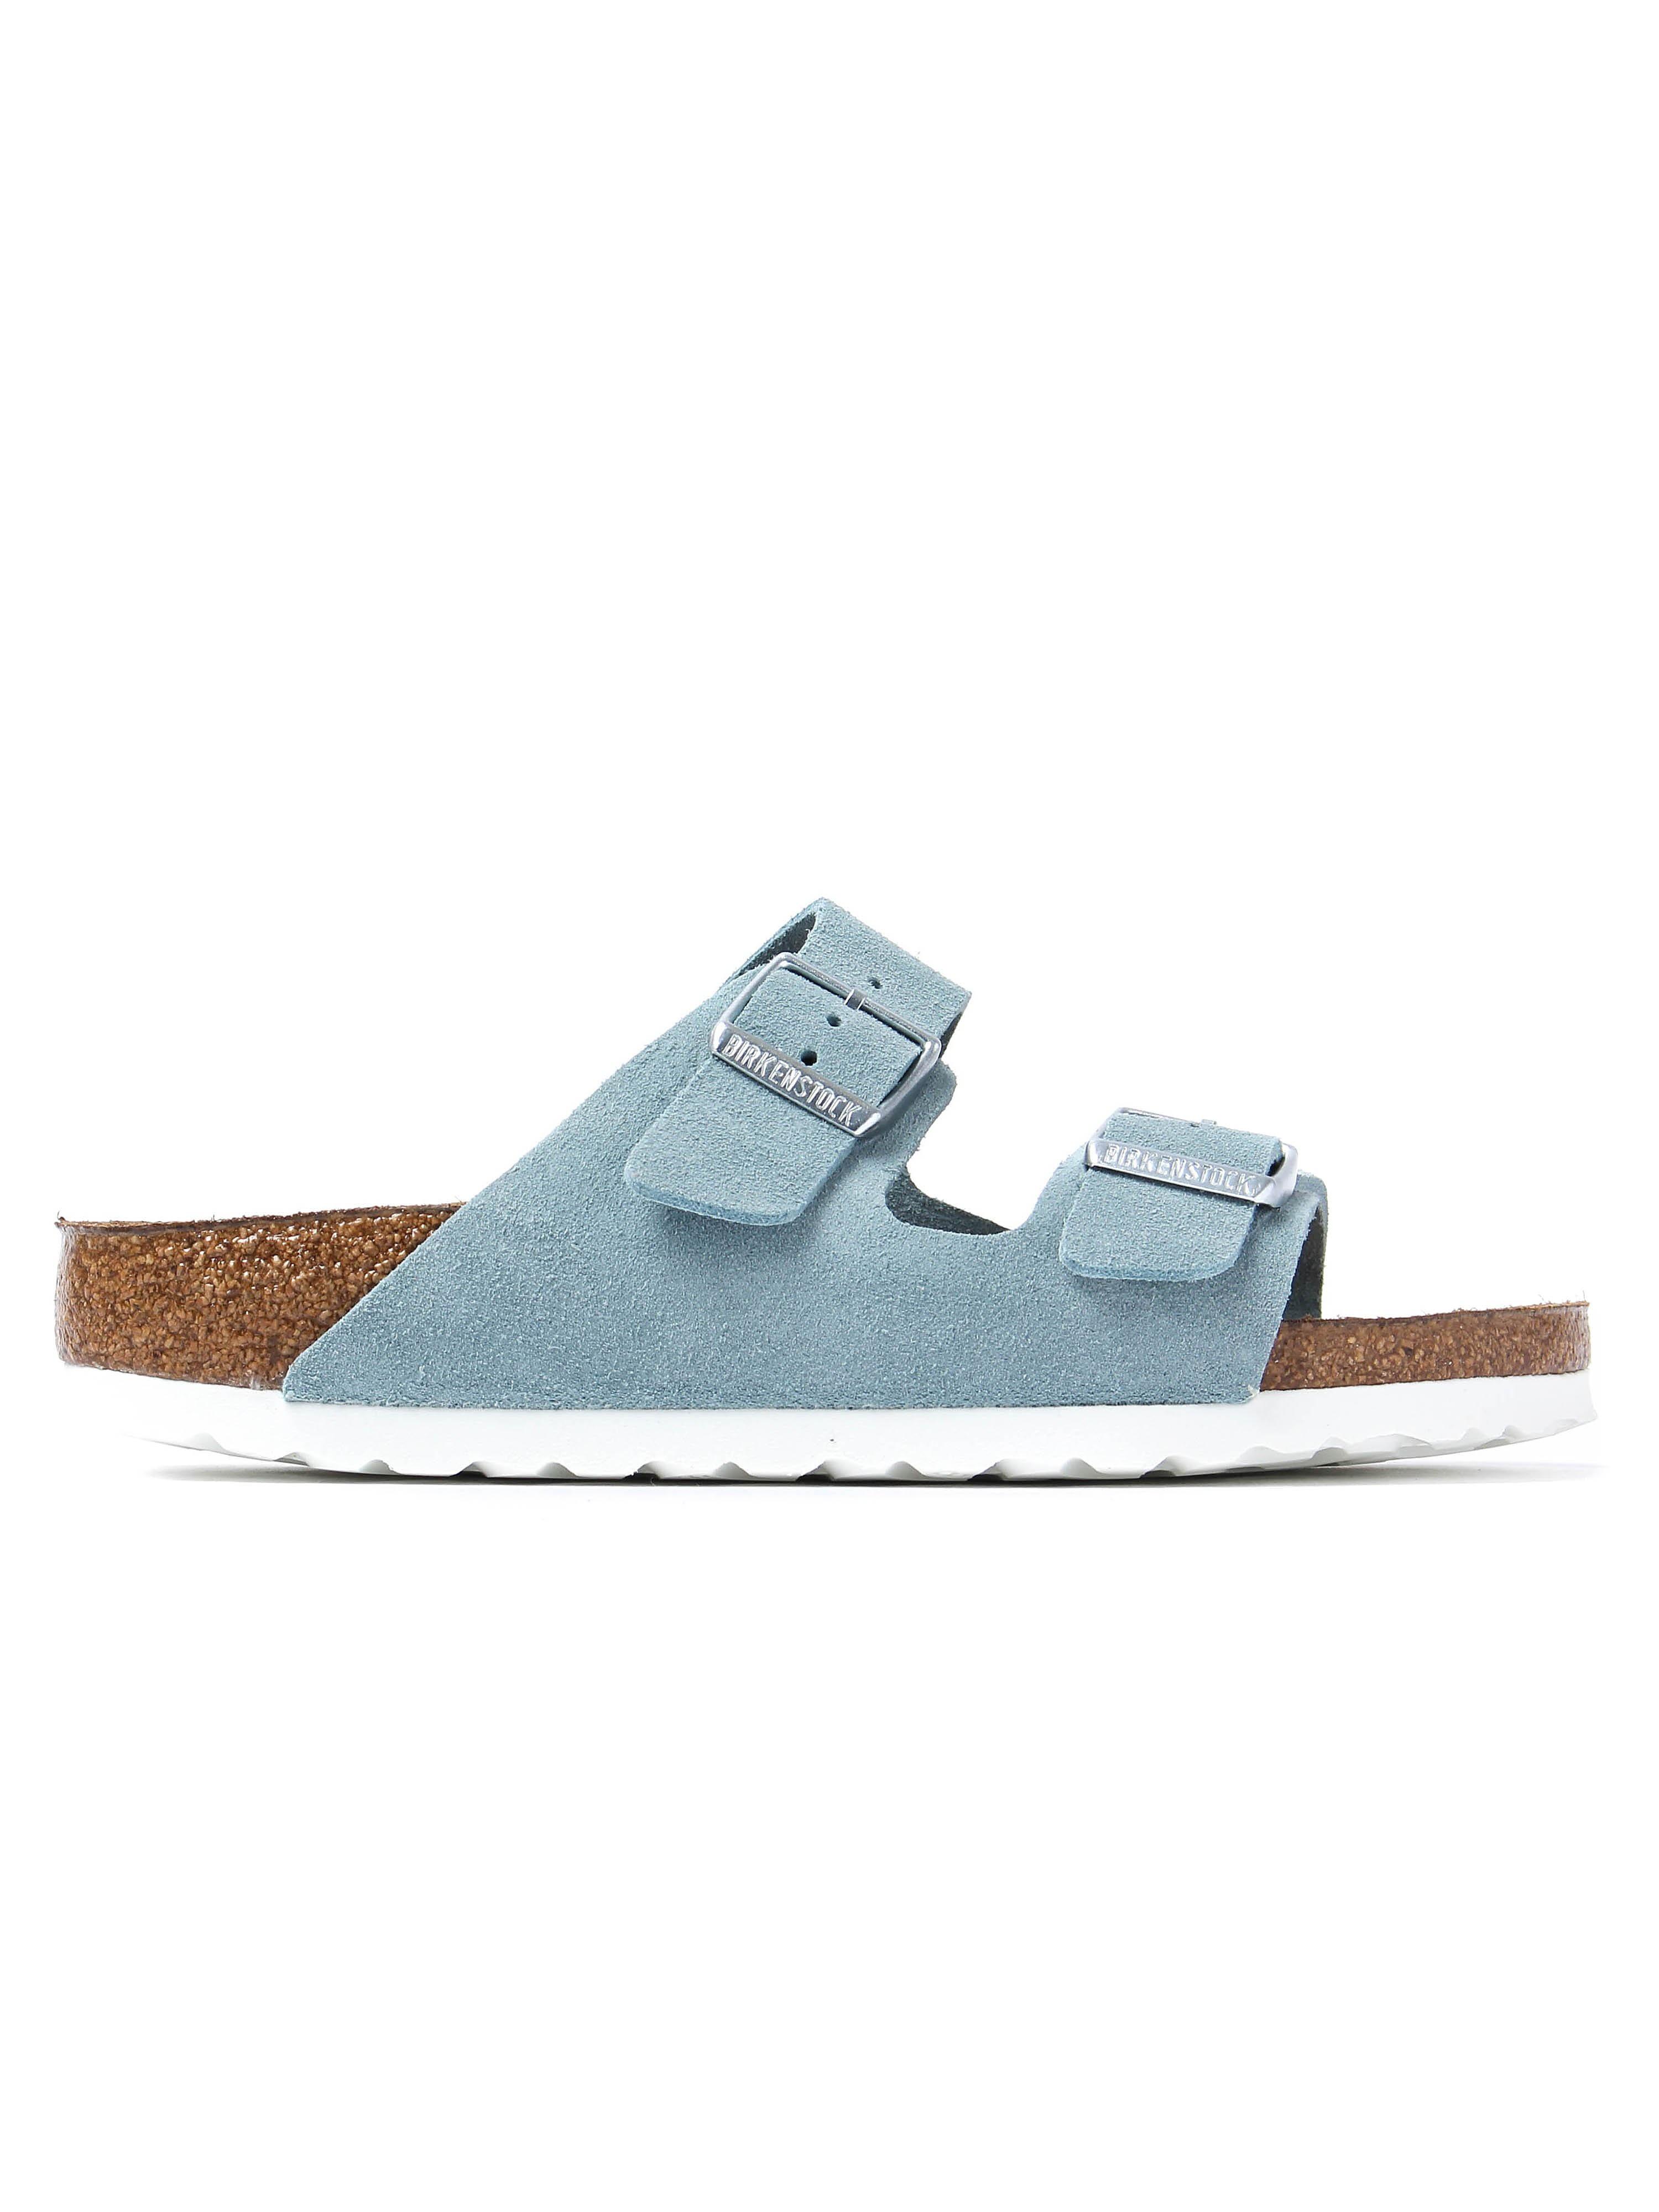 Birkenstock Women's Arizona Narrow Fit Sandals - Light Blue Suede